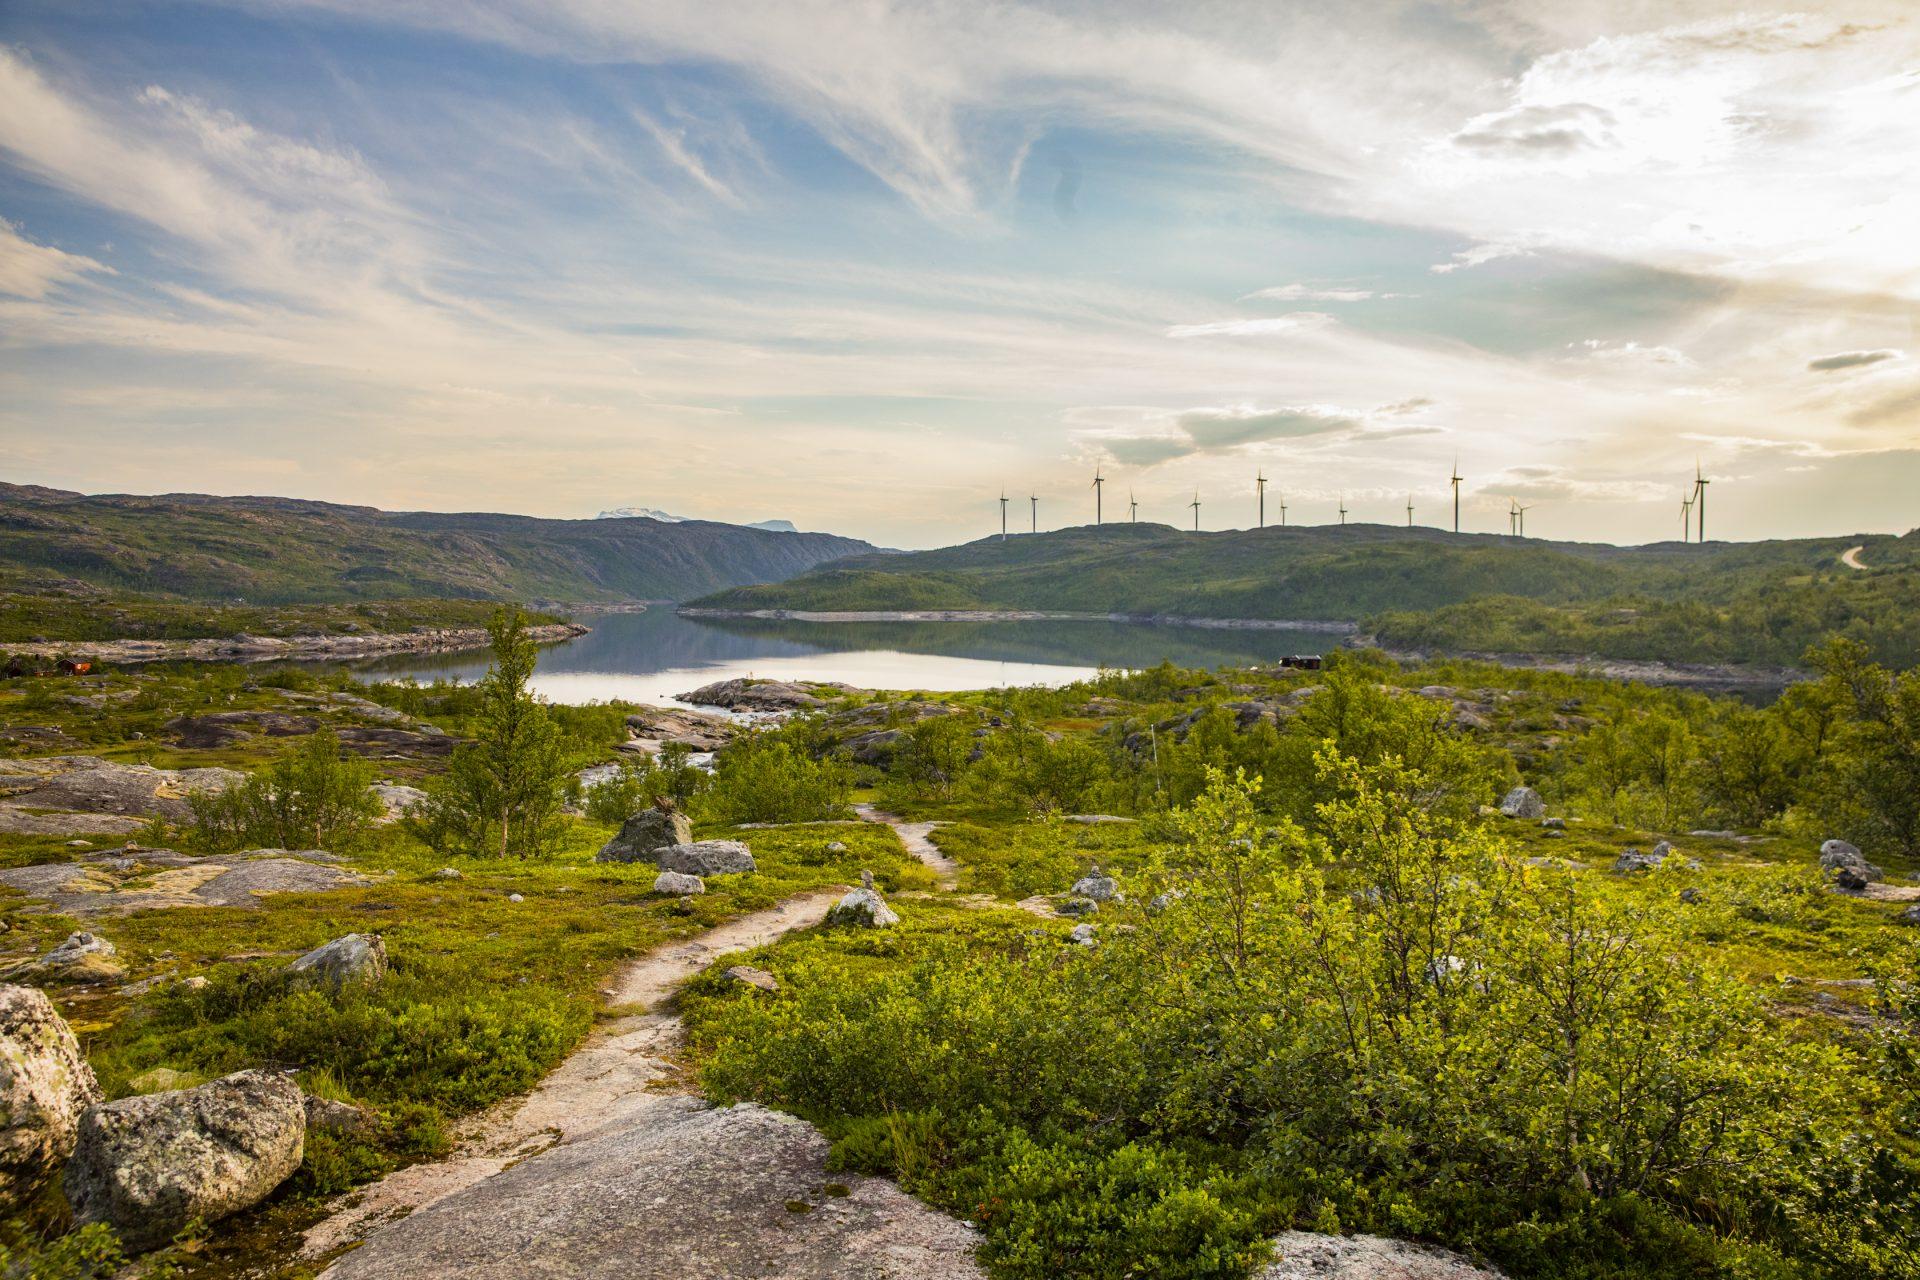 Photographe paysage norvège